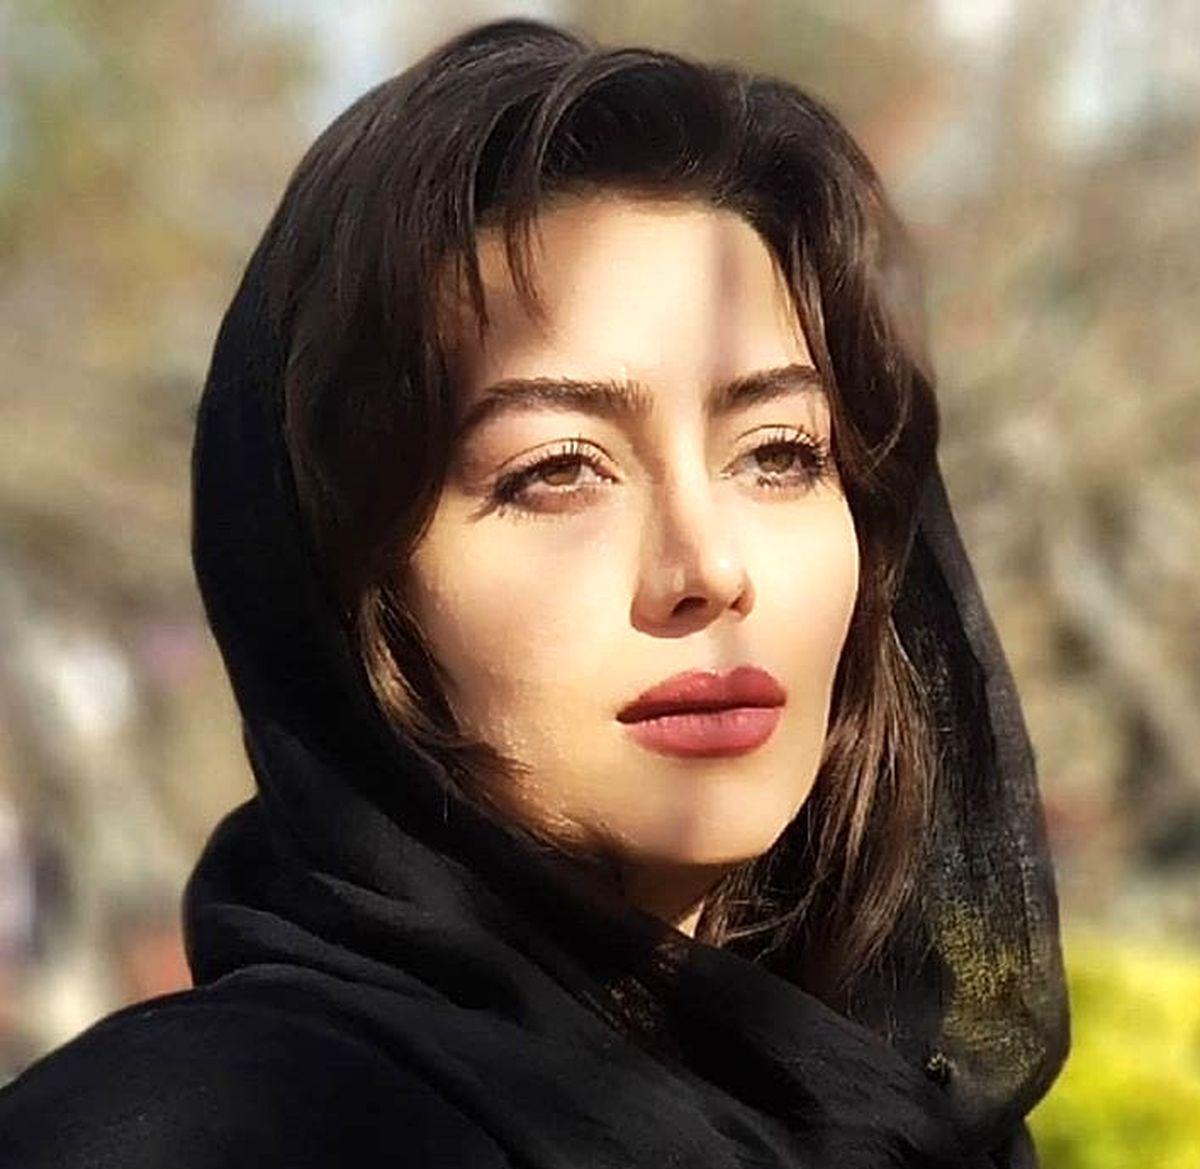 ناگفتنی های زندگی خصوصی روژان سریال نون خ!+تصاویر دیده نشده